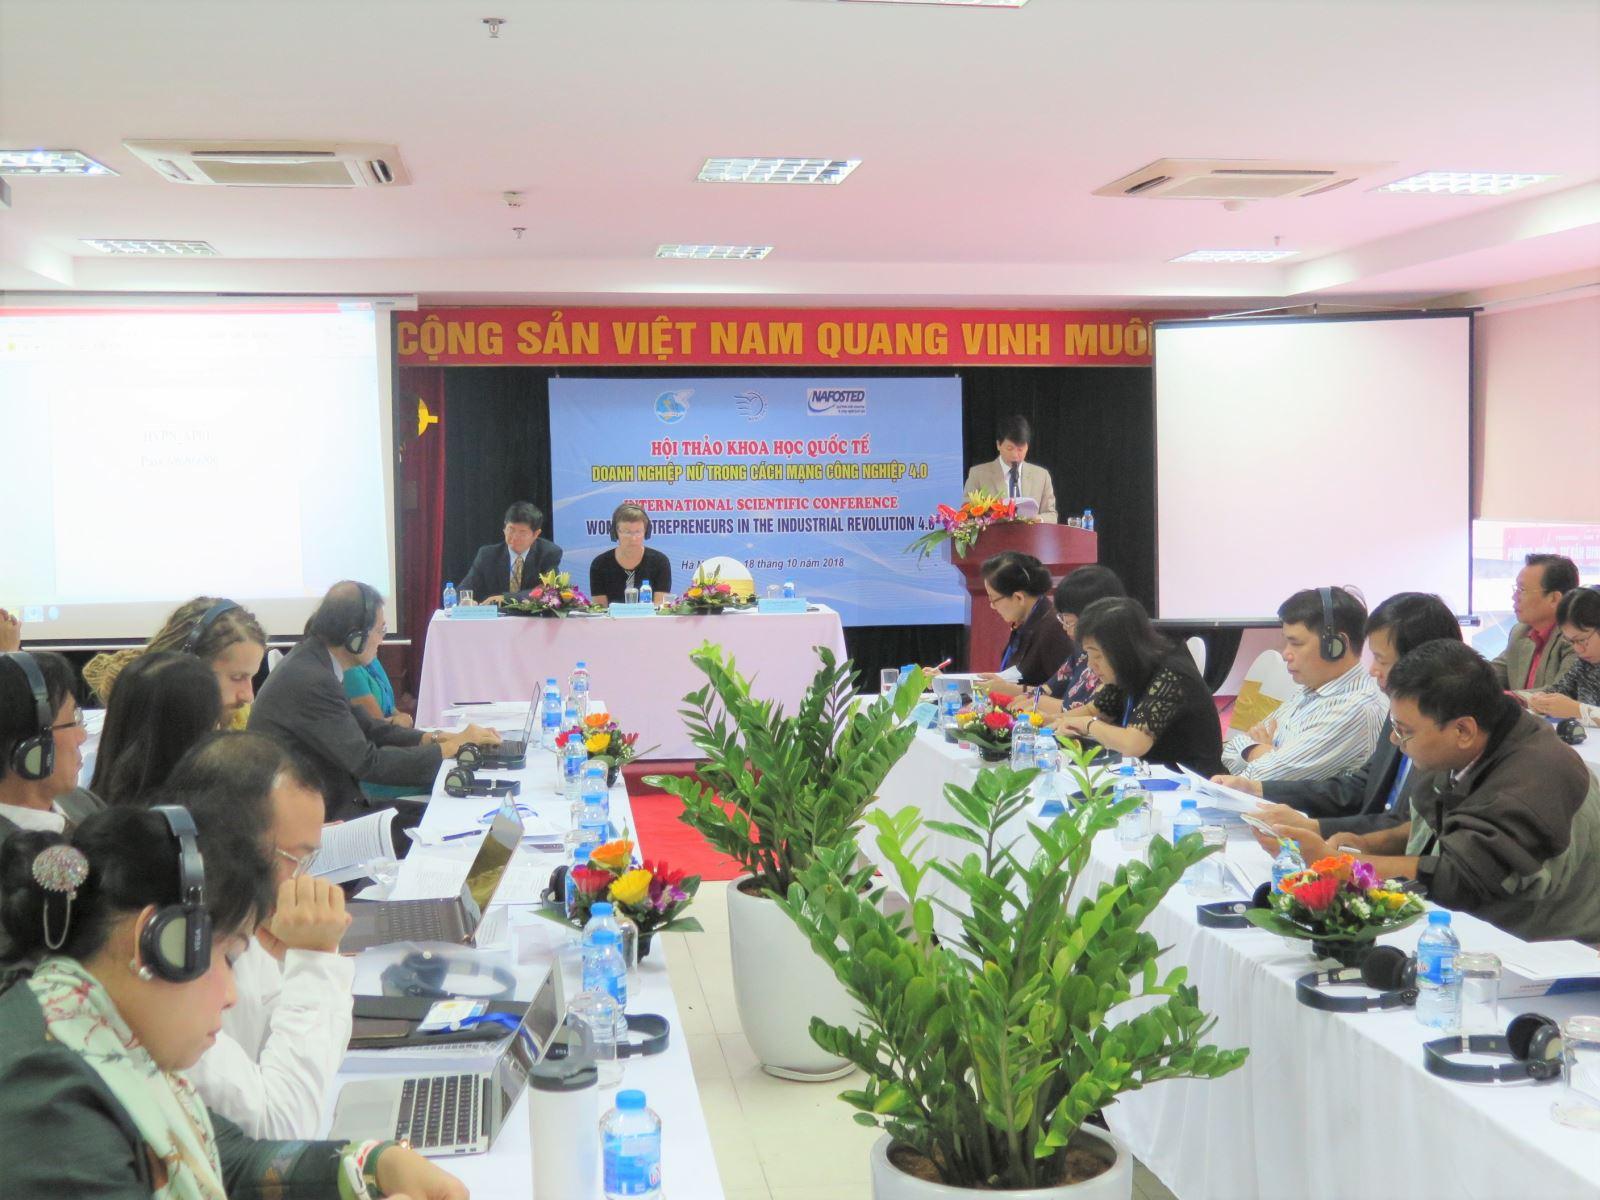 """Hội thảo khoa học quốc tế: """"Doanh nghiệp nữ  trong cuộc cách mạng công nghiệp 4.0"""""""